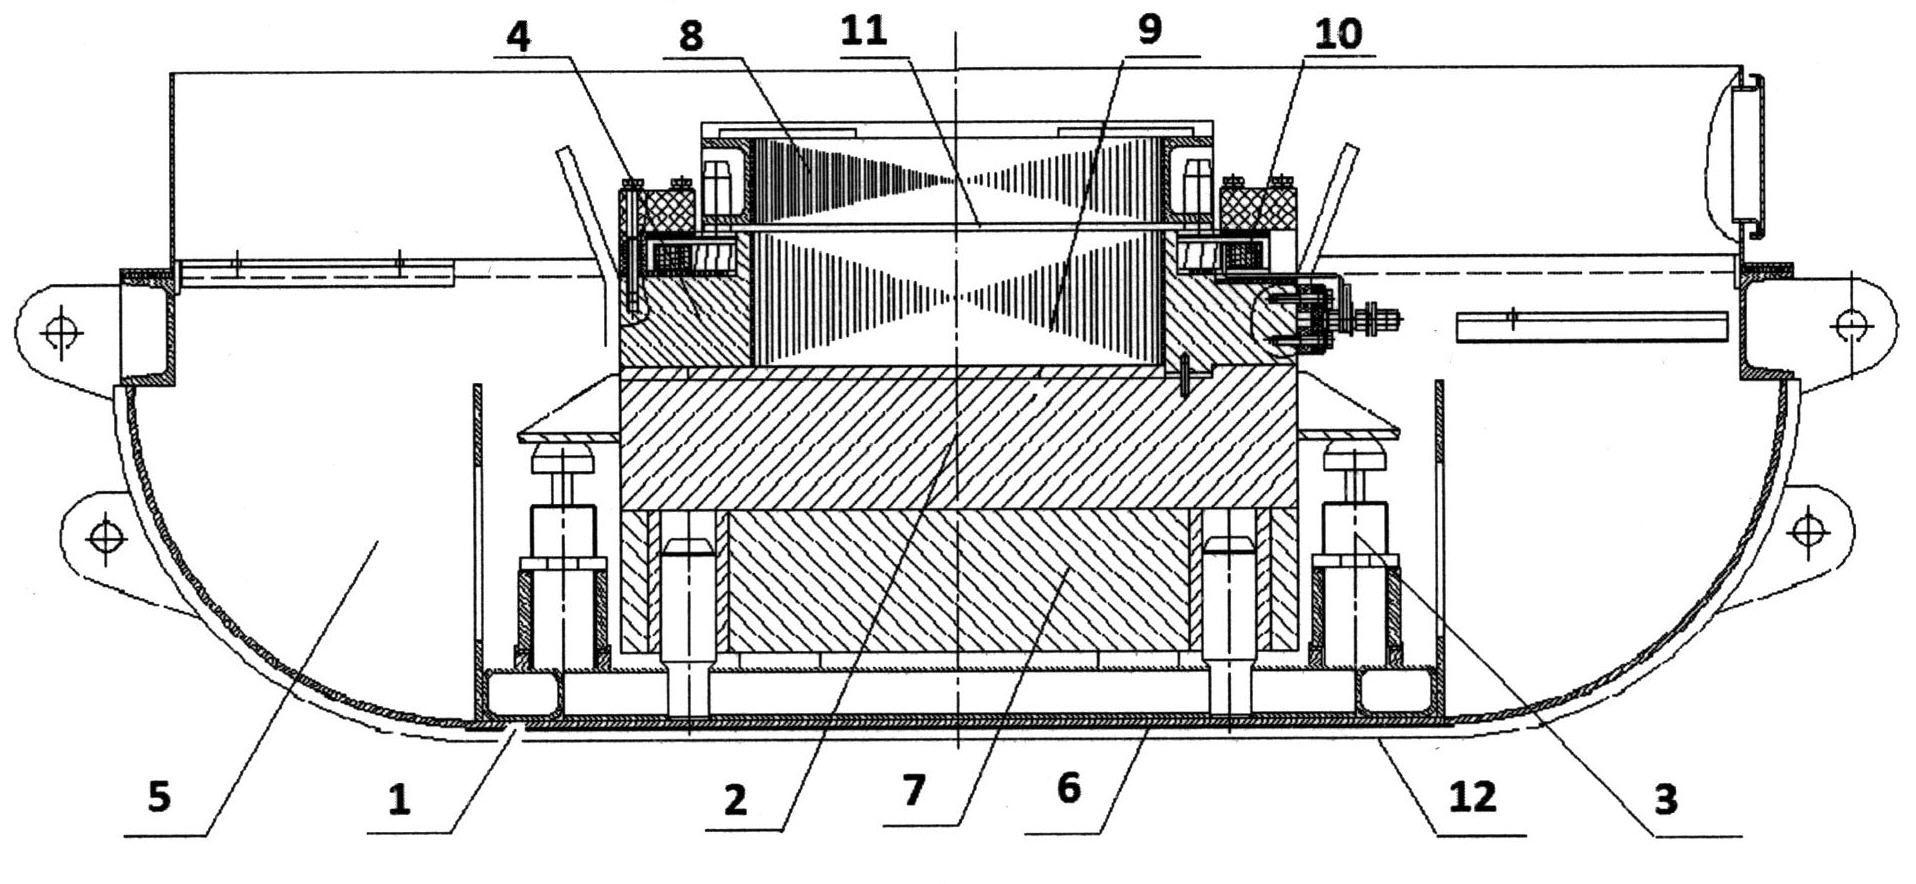 Импульсный невзрывной сейсмоисточник с электромагнитным приводом